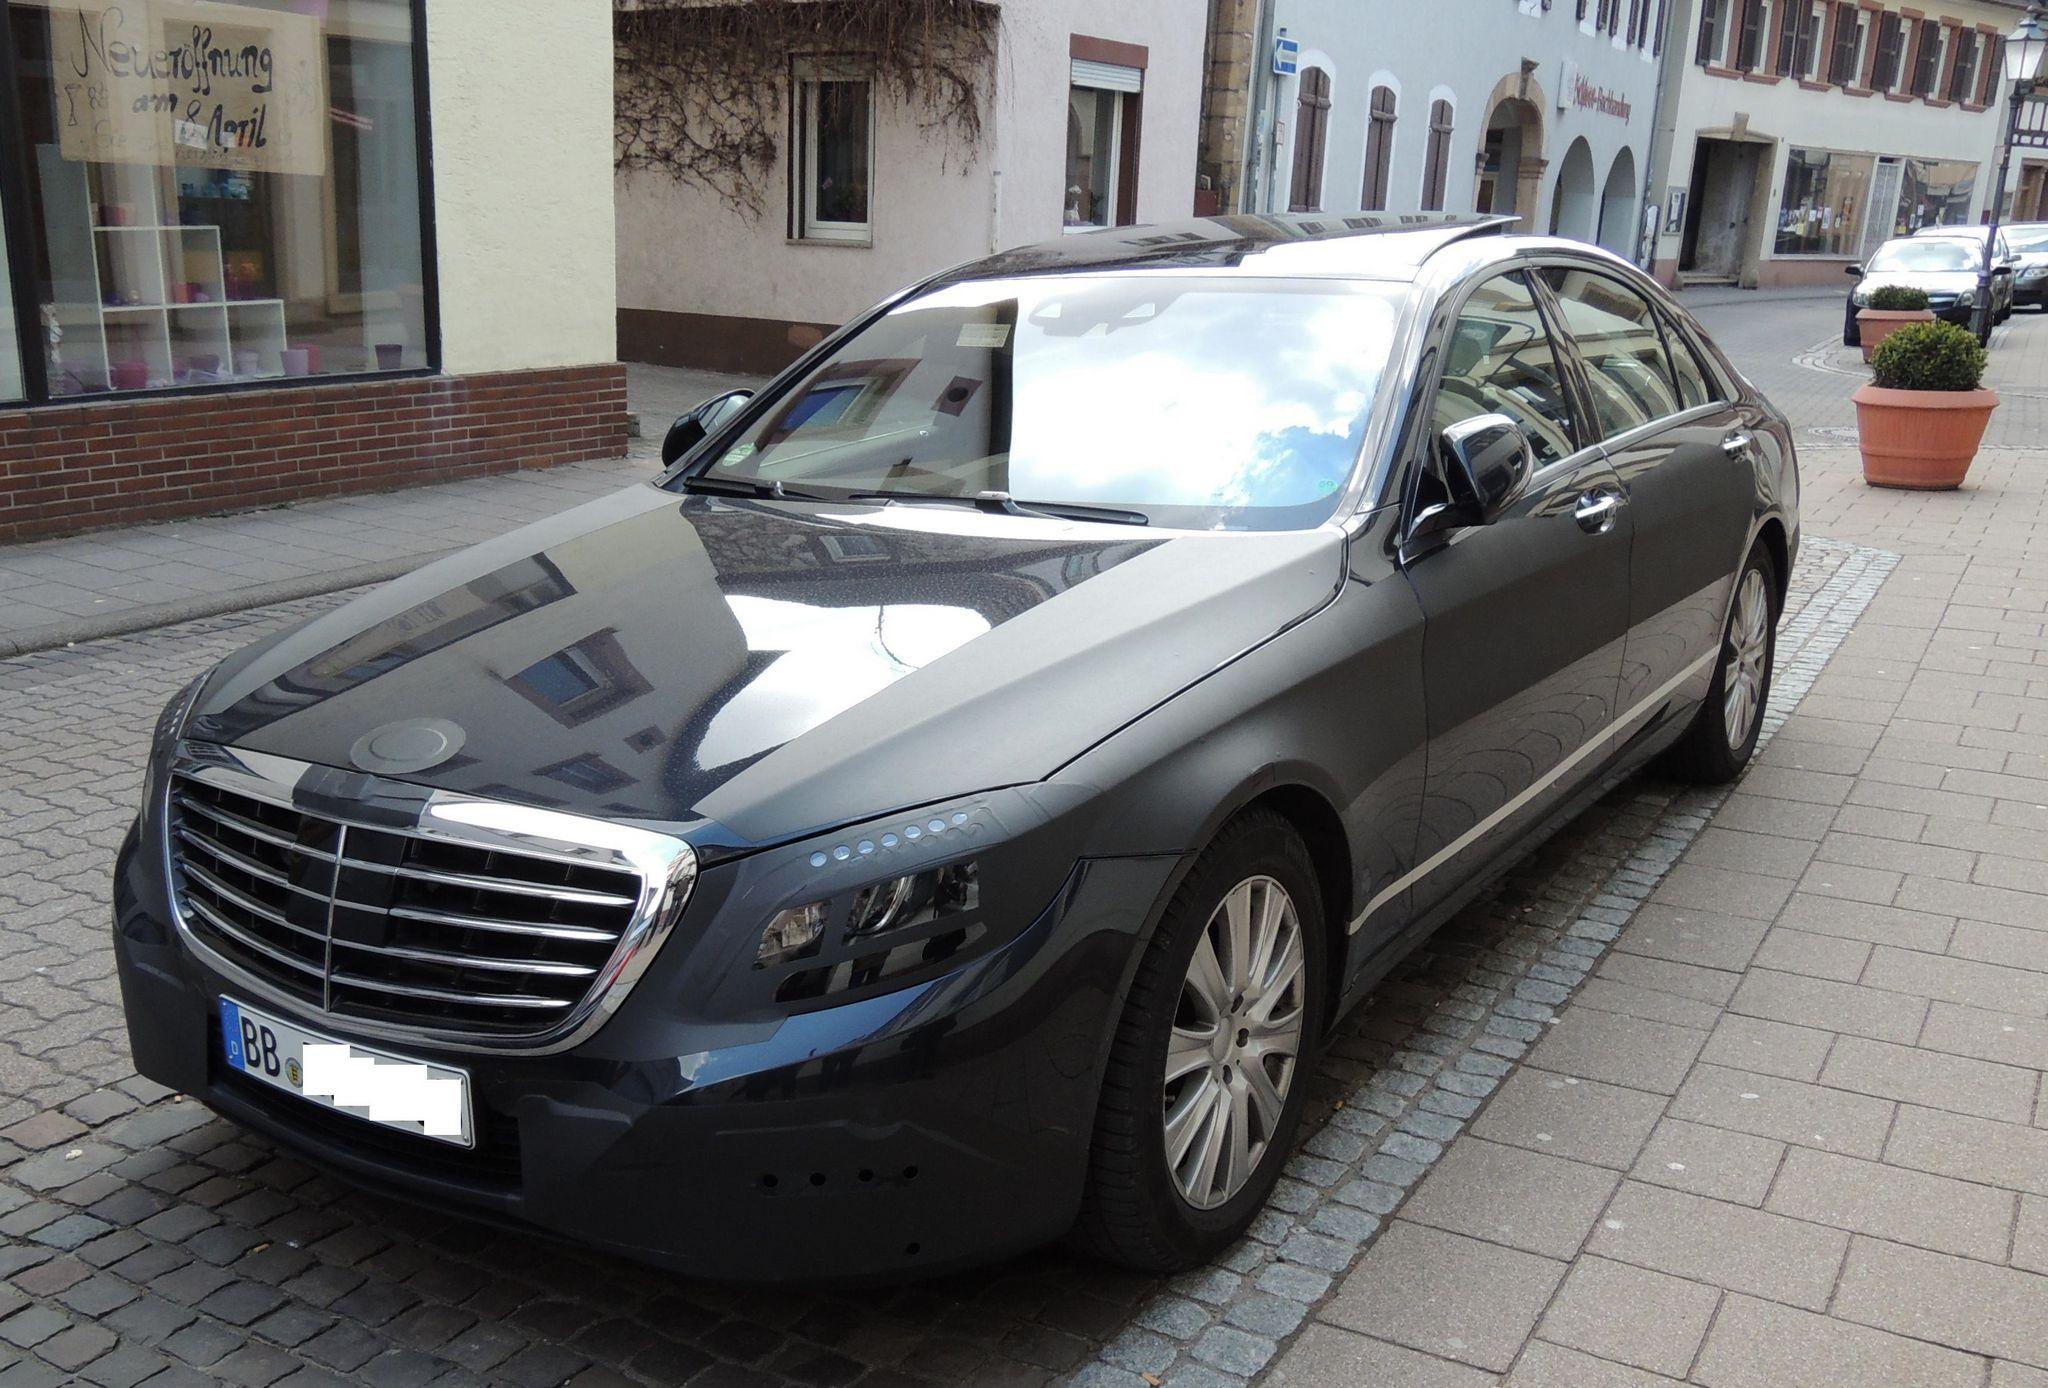 2014 mercedes benz s class long wheelbase interior exterior - Mercedes Benz 2014 Interior